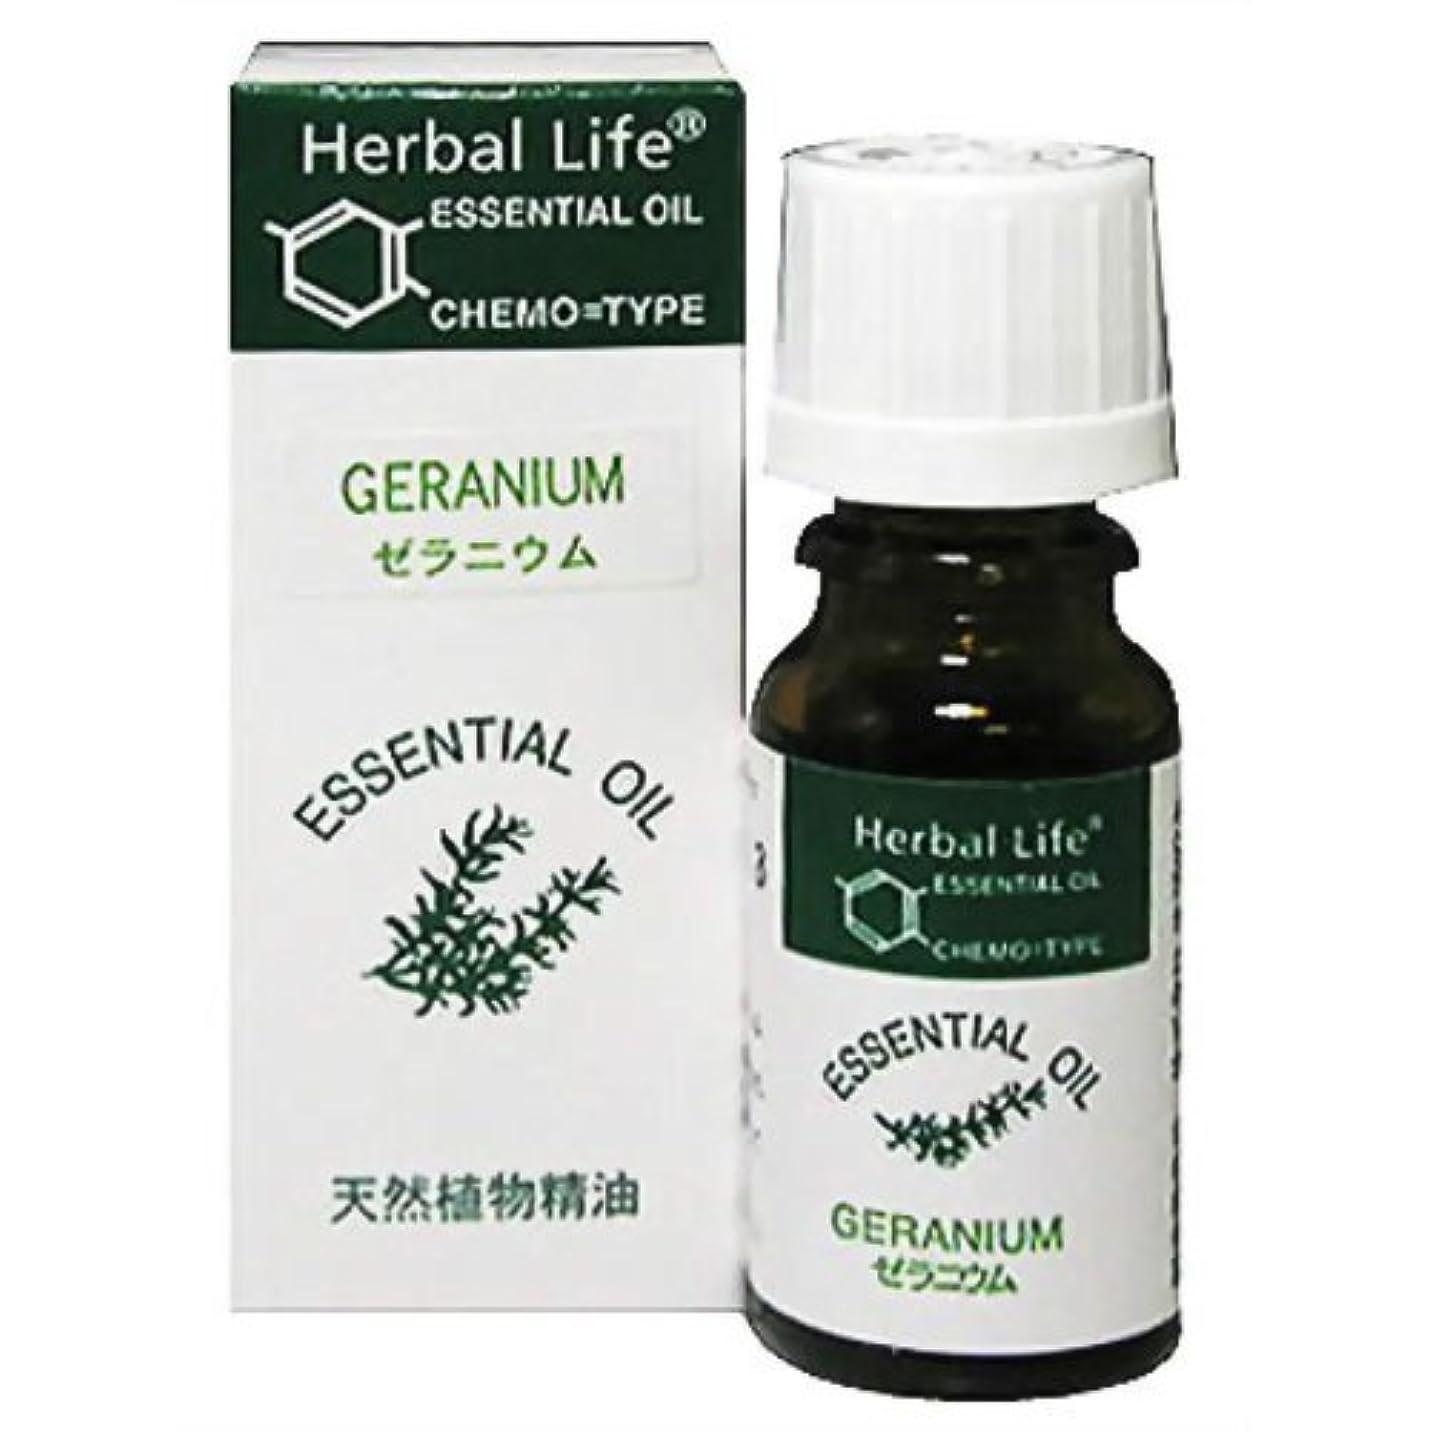 最初に同意力Herbal Life ゼラニウム 10ml